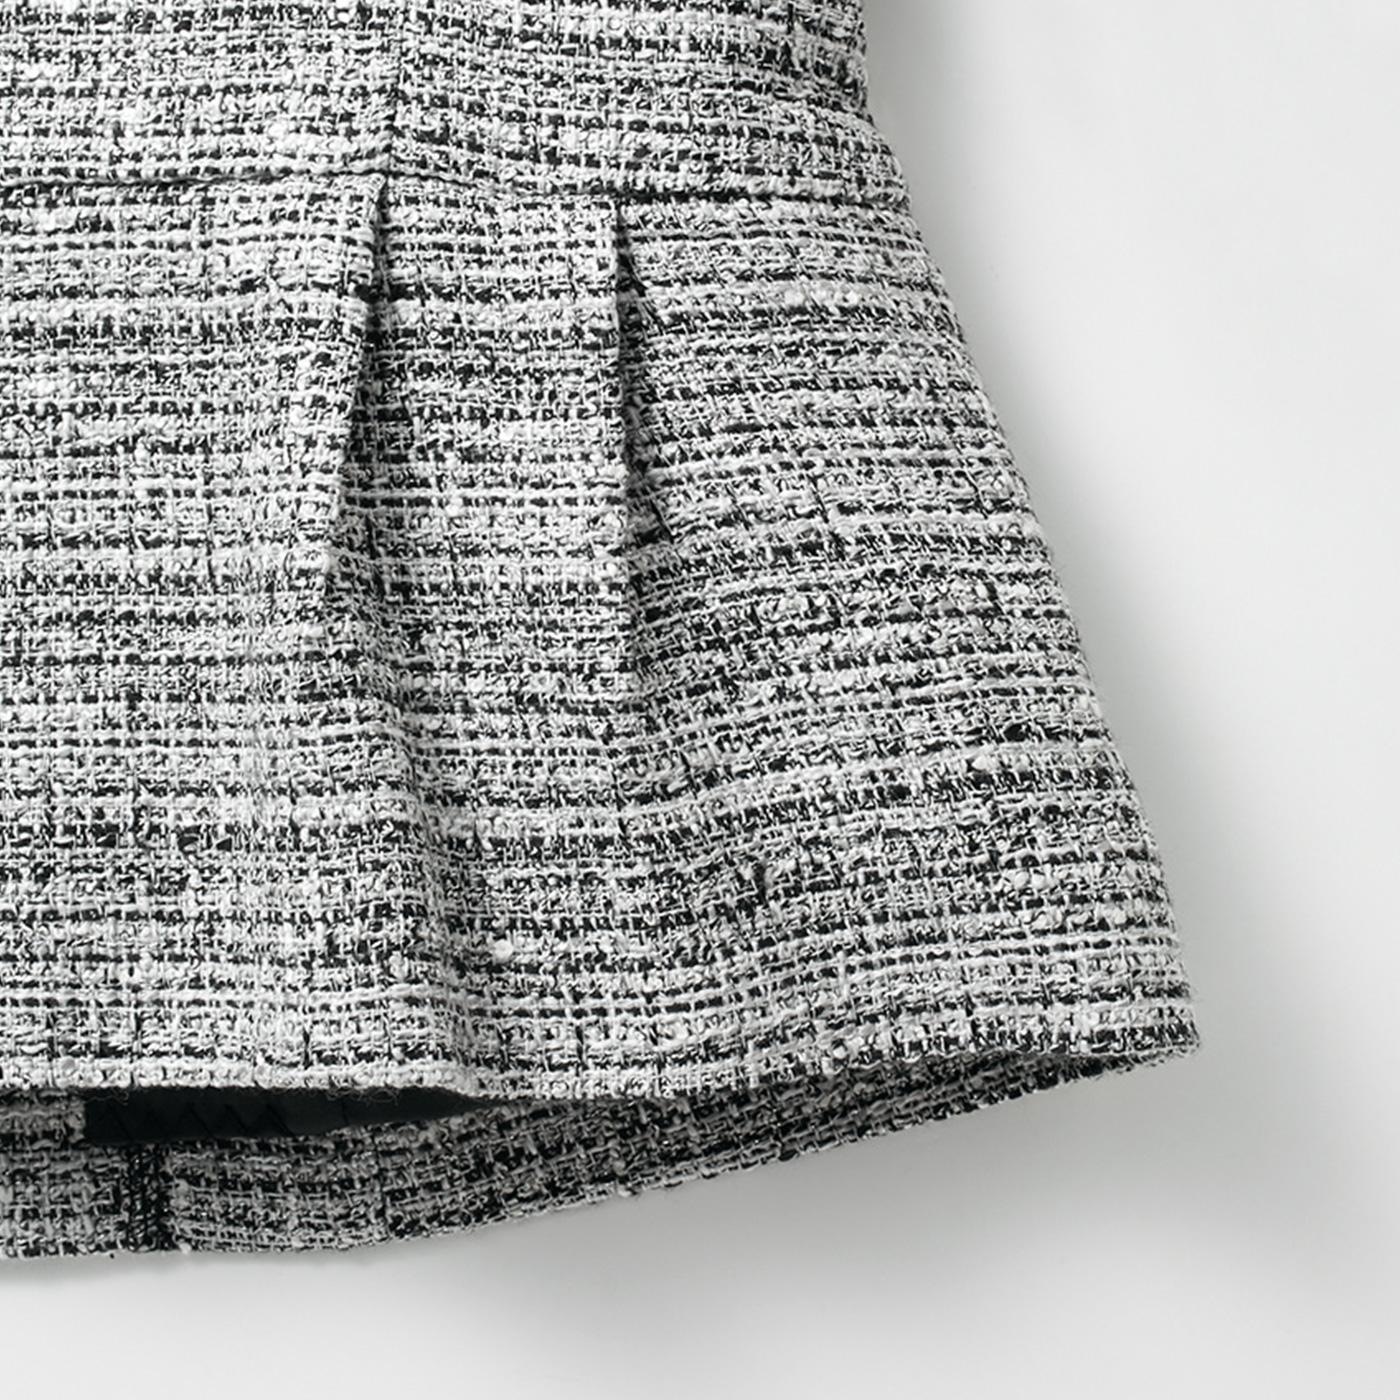 ジャケットのバックスタイルは、すそのペプラム切り替えで腰まわりをふんわり体形カバー&すっきり見せ。